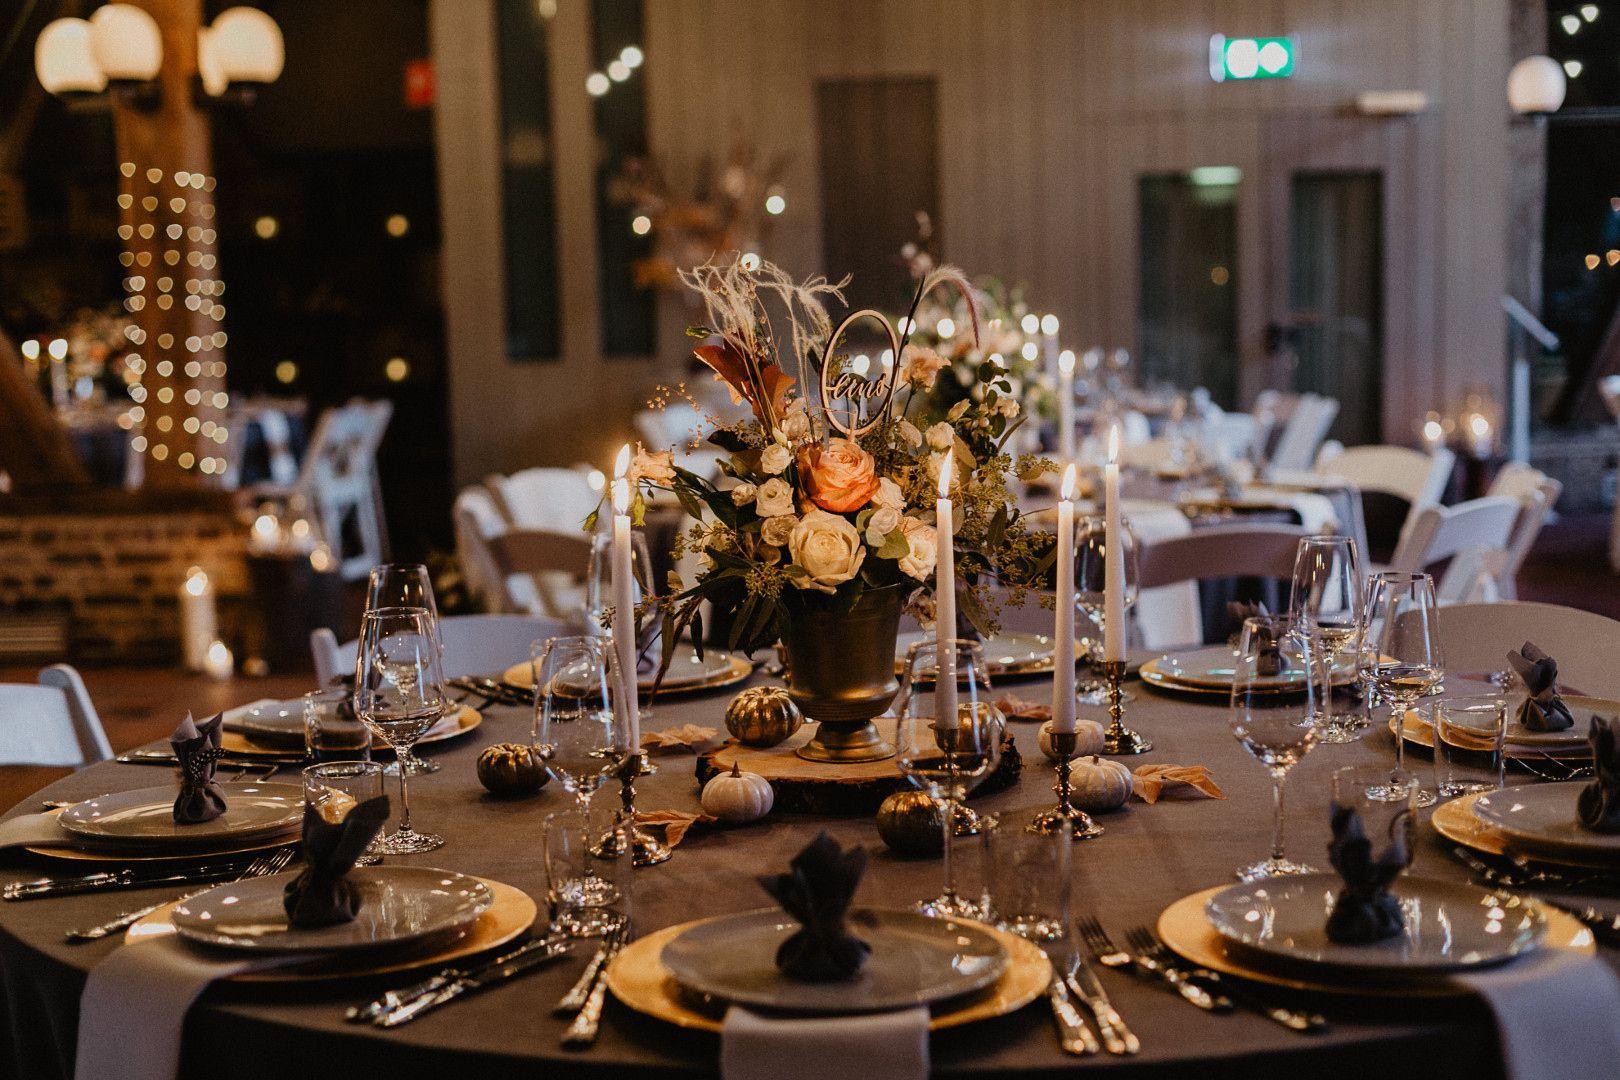 Hatte Man Ja Nicht Gedacht Dass Eine Scheunenhochzeit Gleichzeitig So Elegant Und Relaxt Sein Konnte D Scheunen Hochzeit Hochzeitsarten Herbstliche Tischdeko